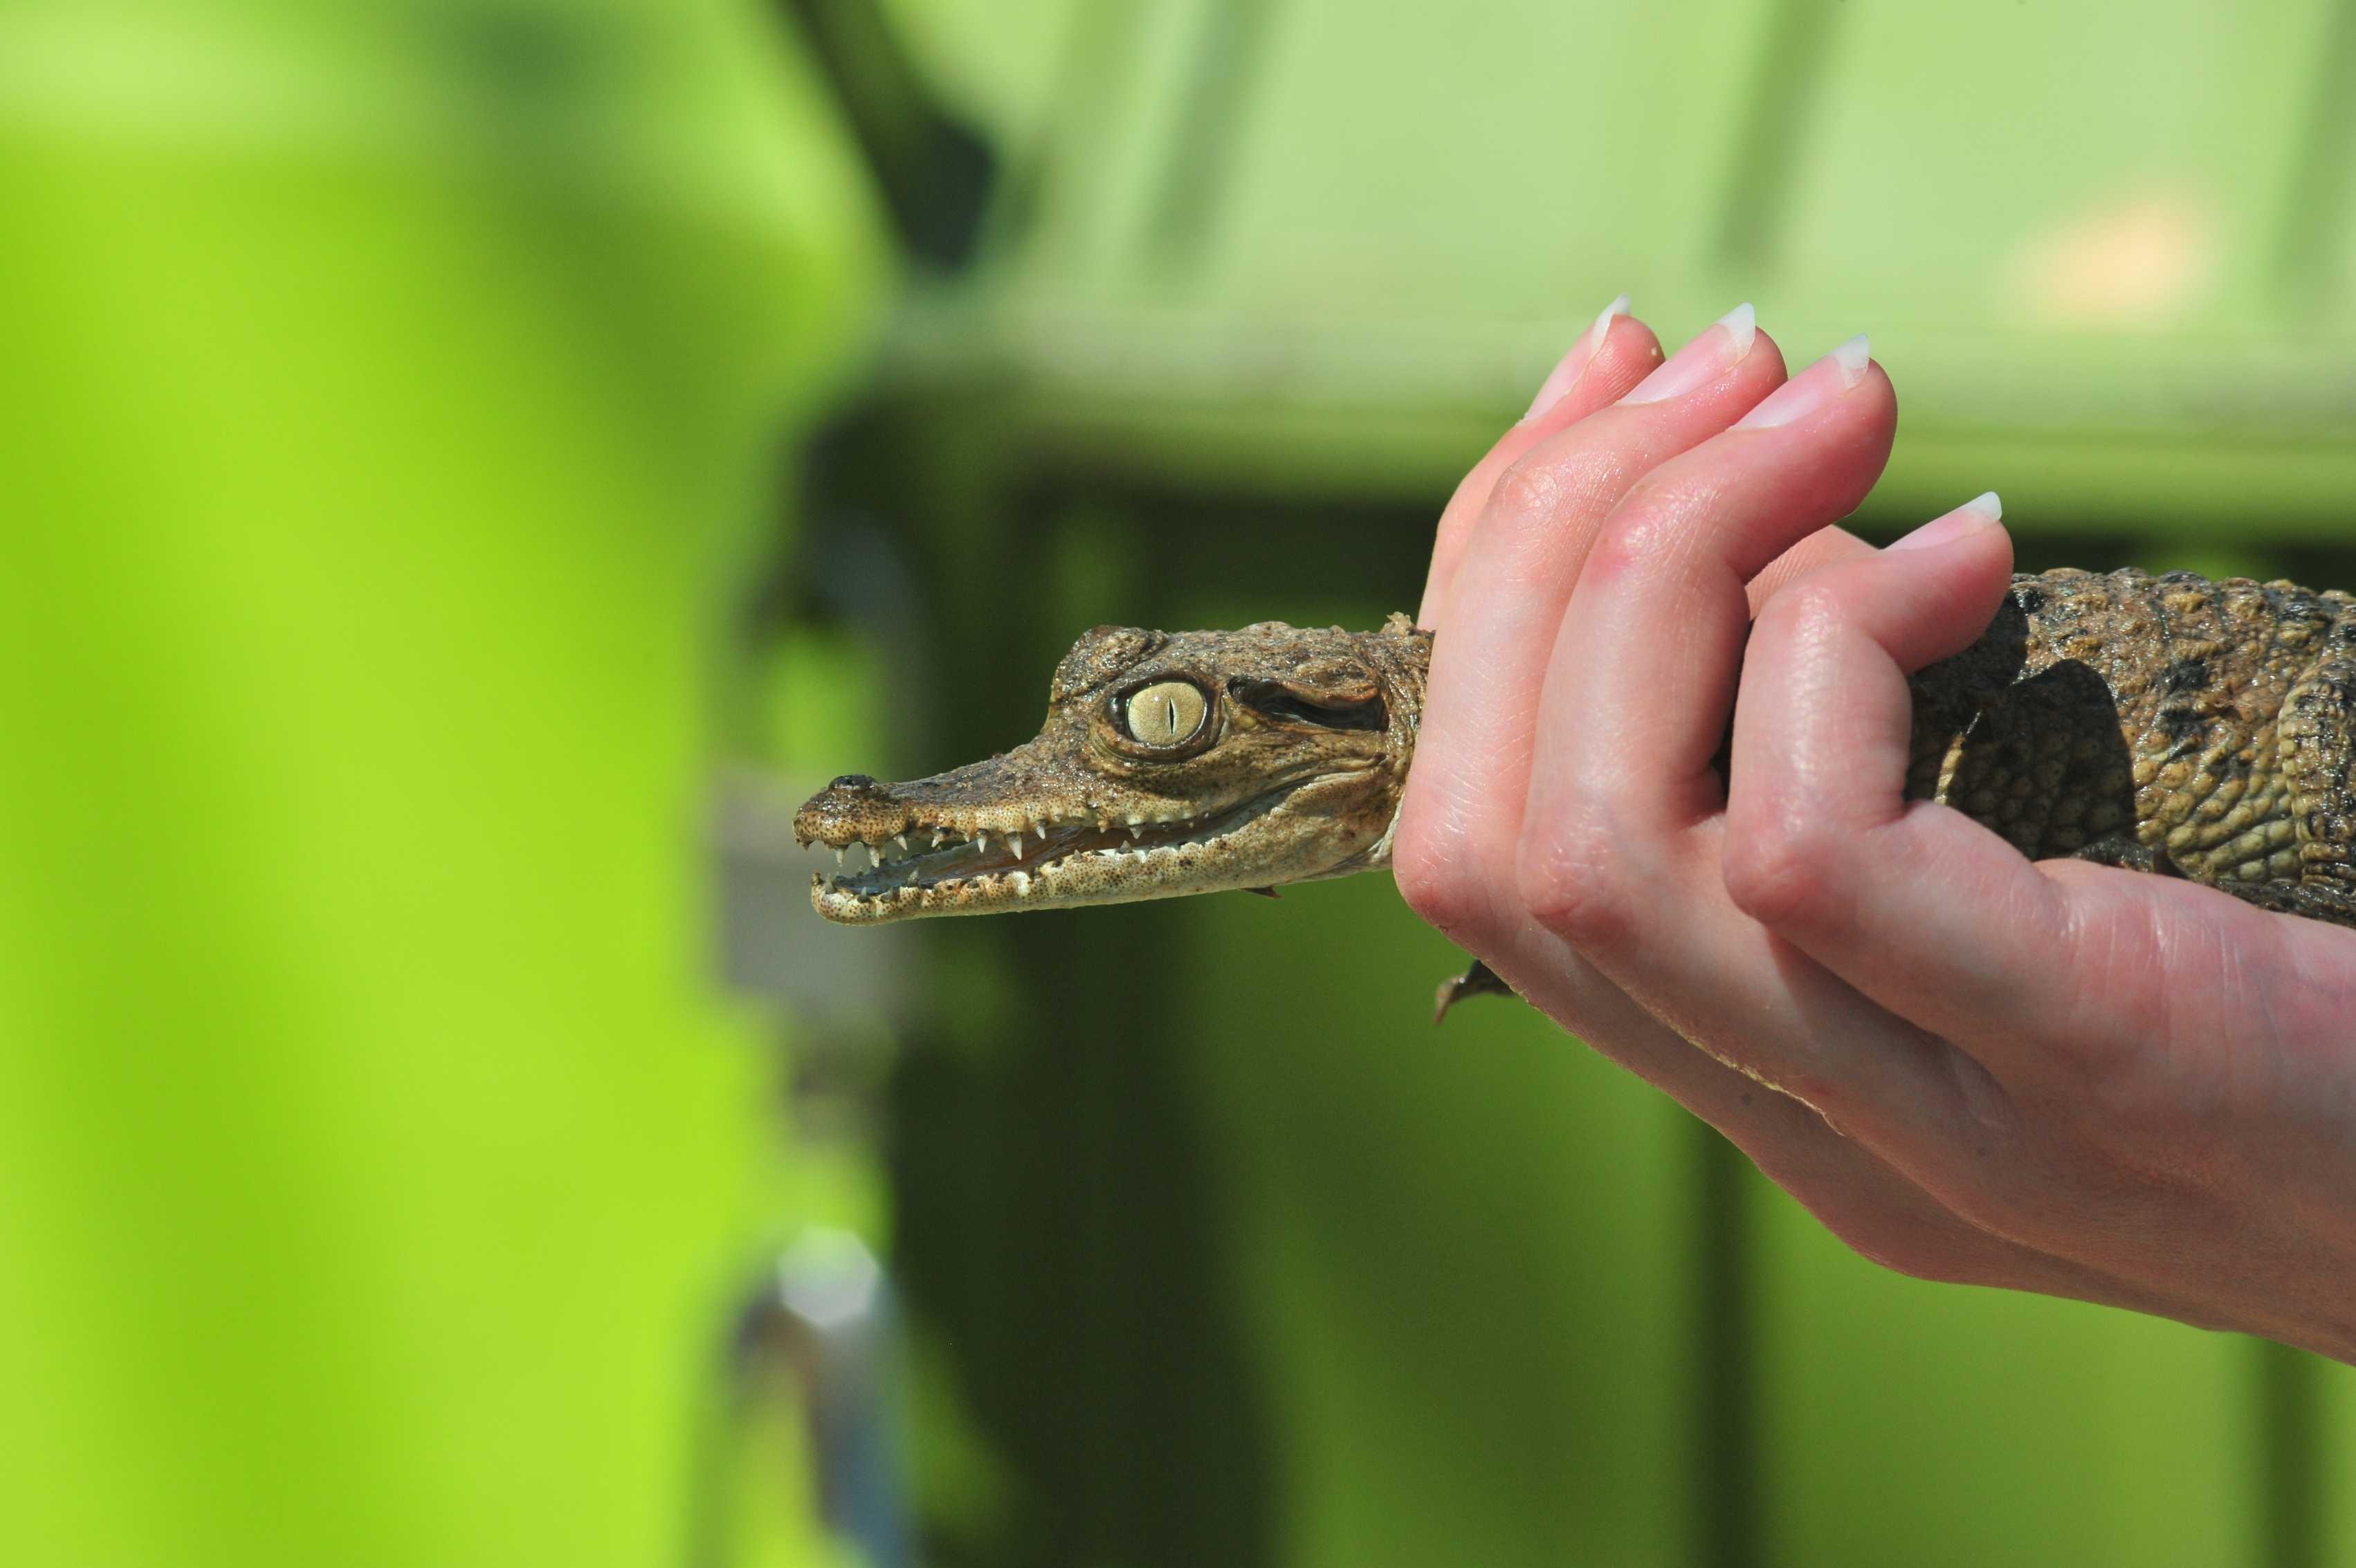 Holding a baby crocodile in Estero el Salado, Puerto Vallarta